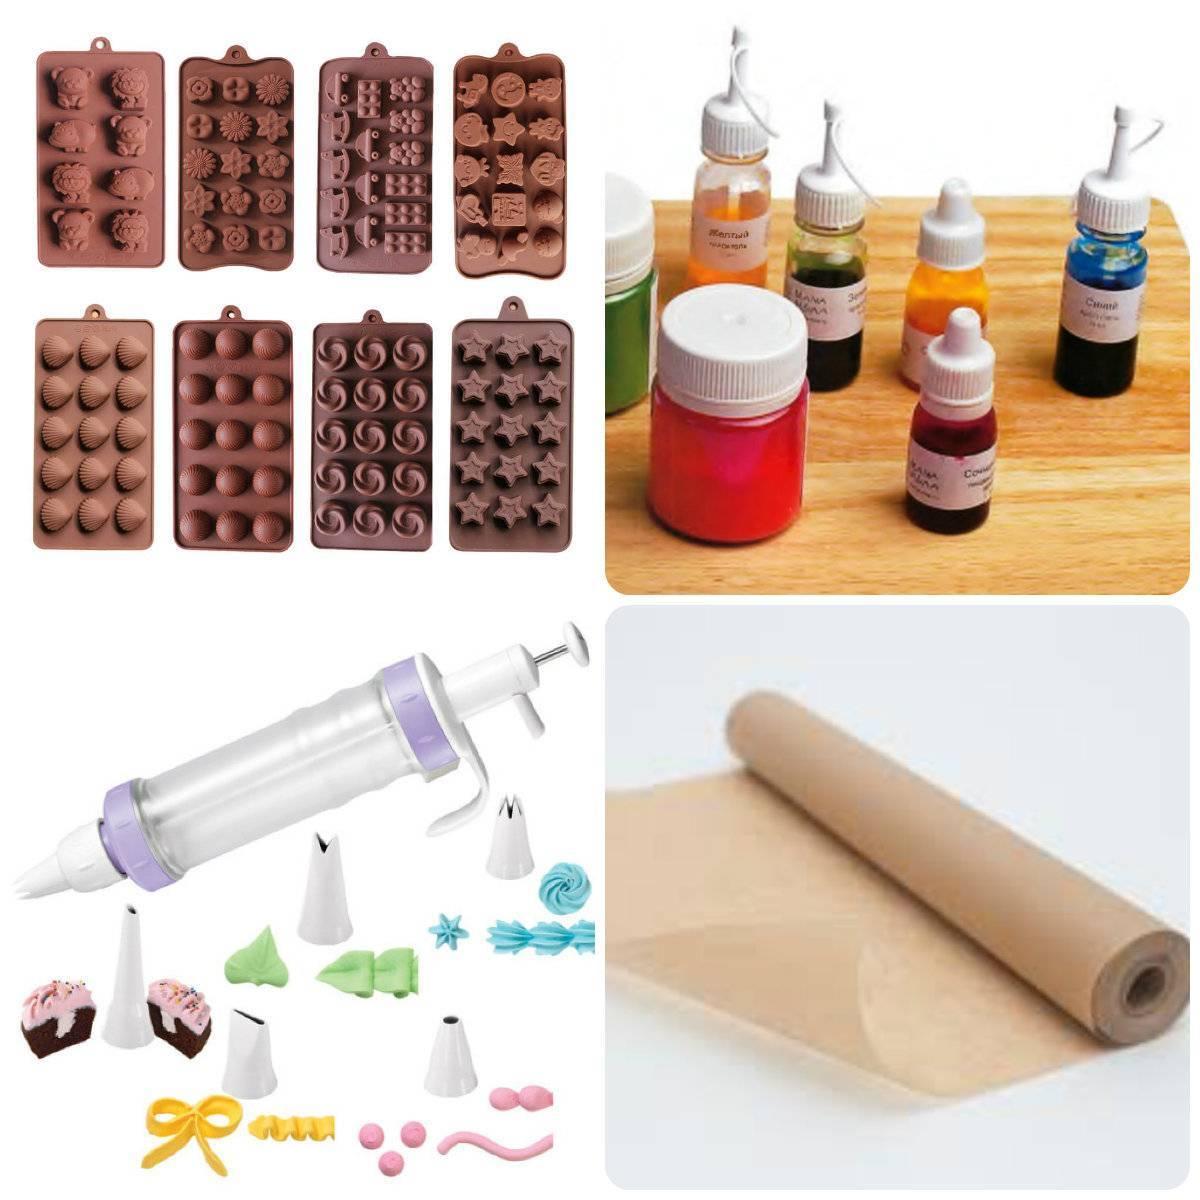 инструменты для шоколадных фигурок